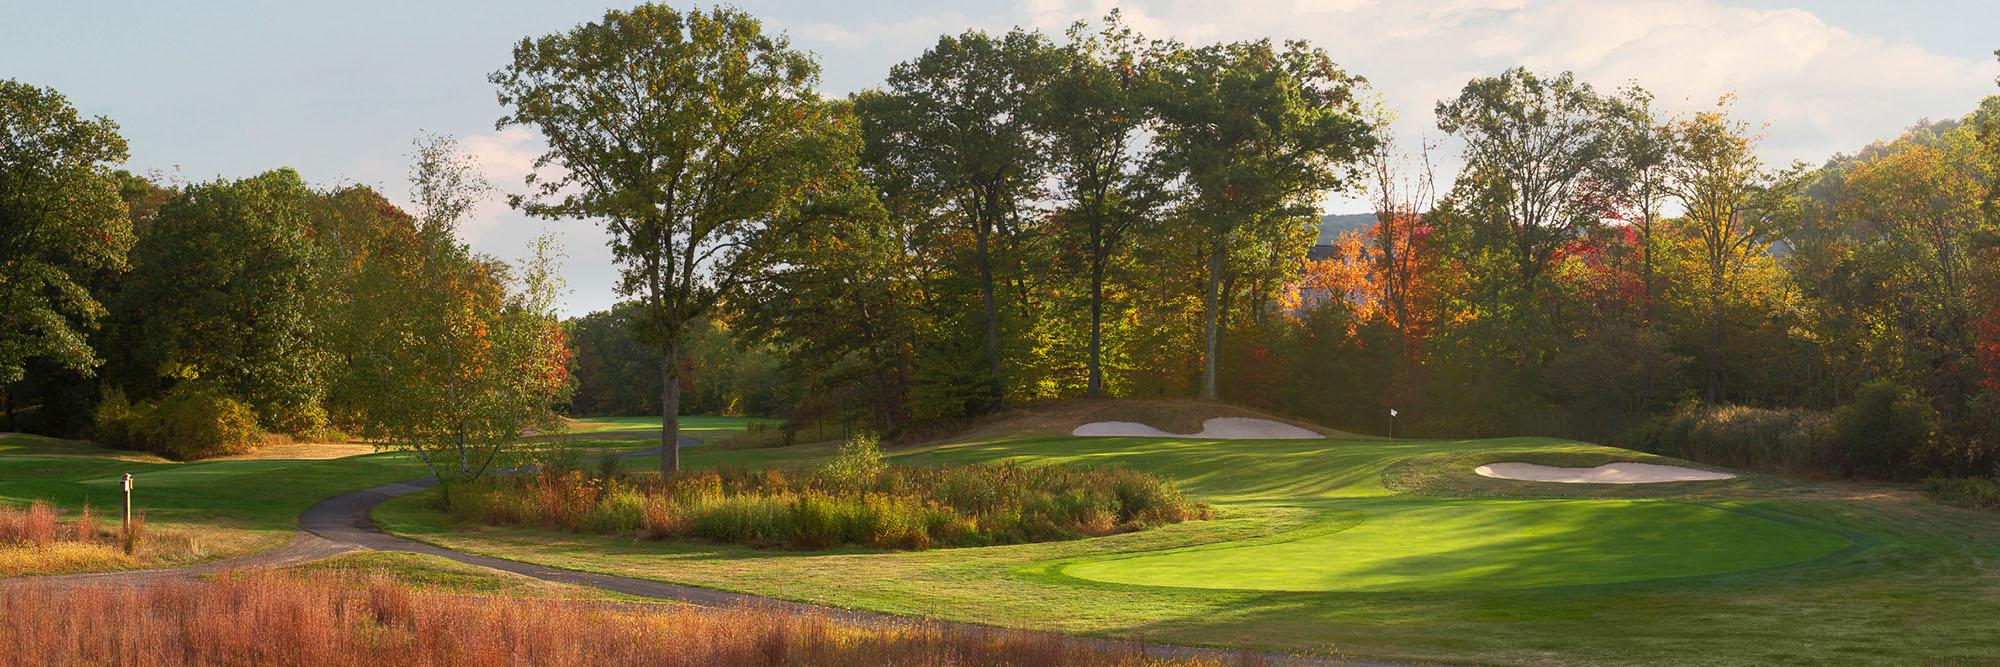 Golf Course Image - The Tuxedo Club No. 3